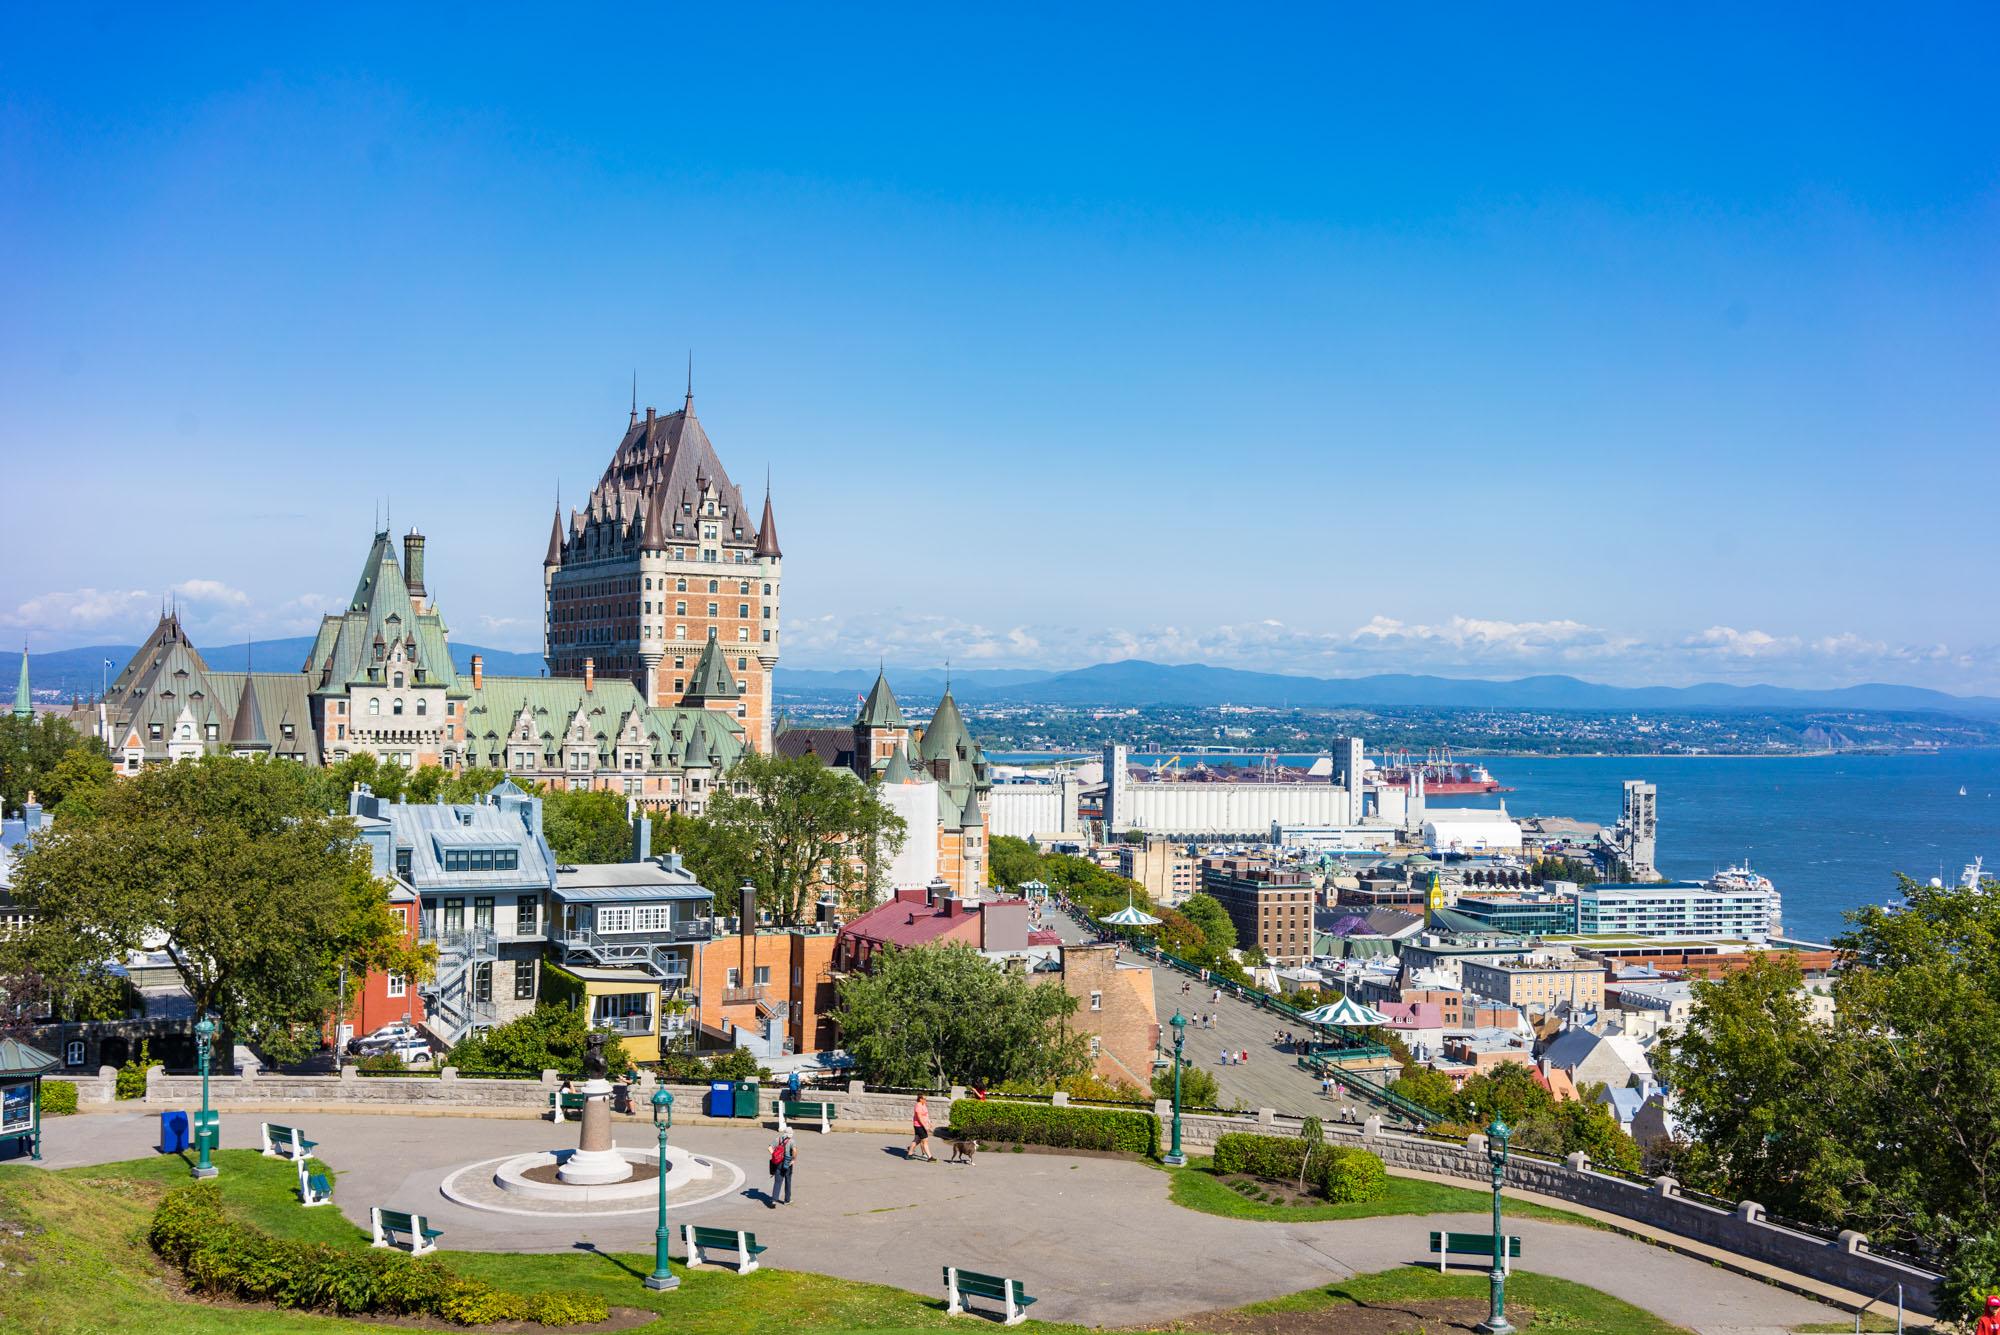 View of Old Quebec City from Parc du Bastion-de-la-Reine